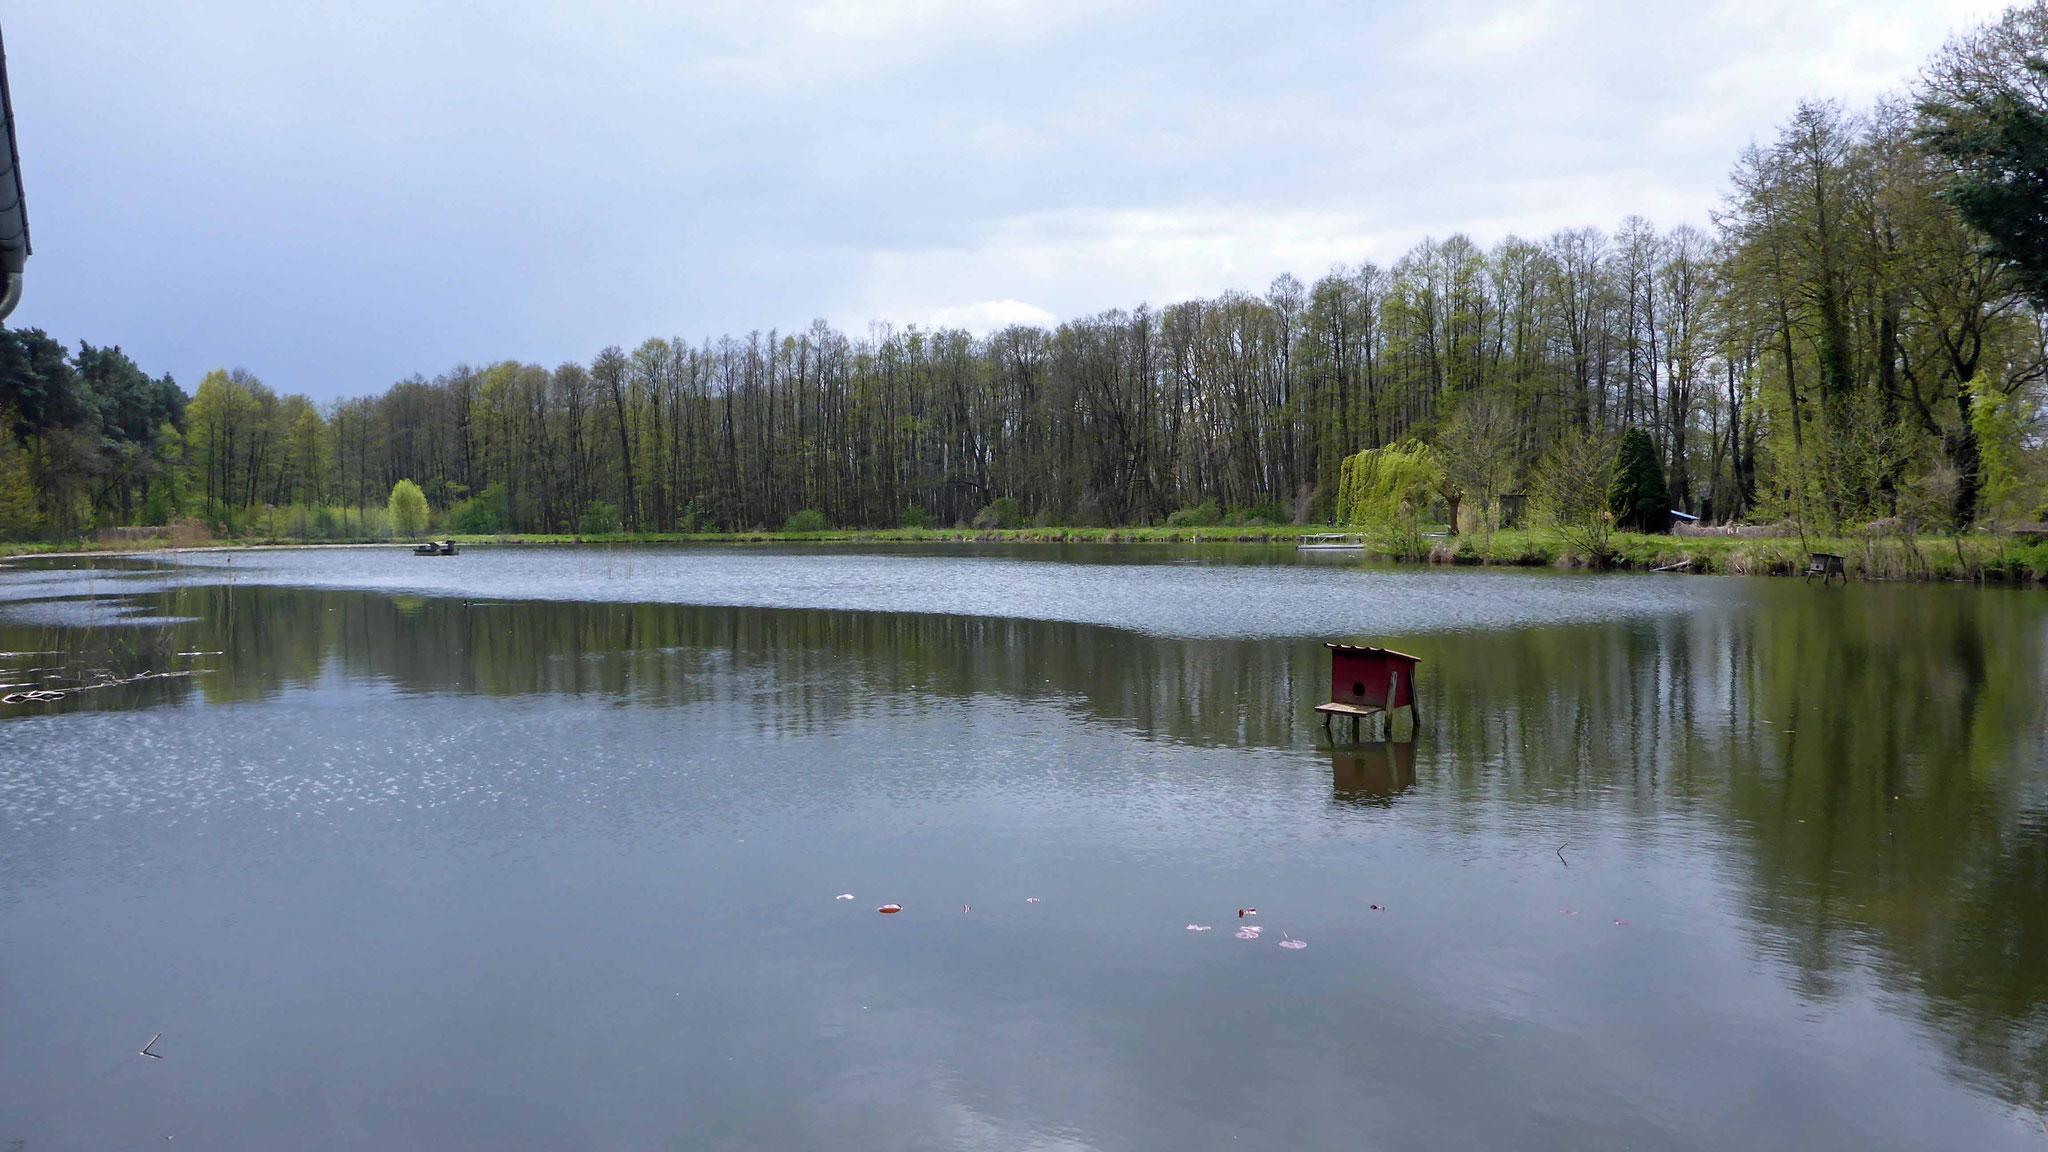 am idyllischen Fischteich.